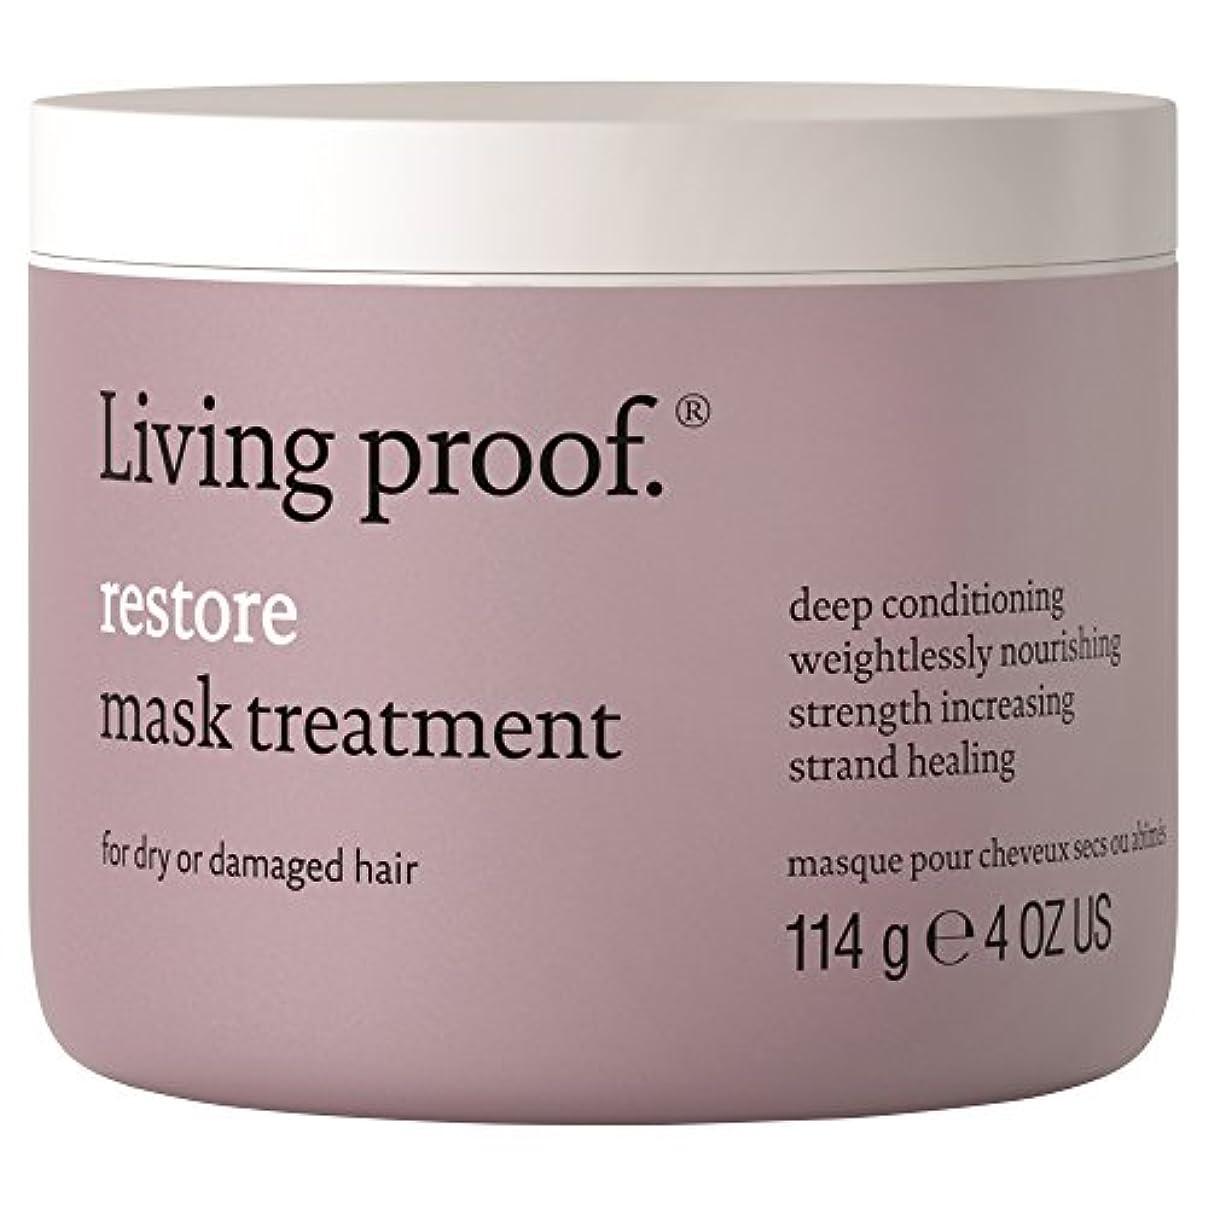 フォークベンチ聴く生きている証拠は、マスク処理114グラムを復元します (Living Proof) - Living Proof Restore Mask Treatment 114g [並行輸入品]